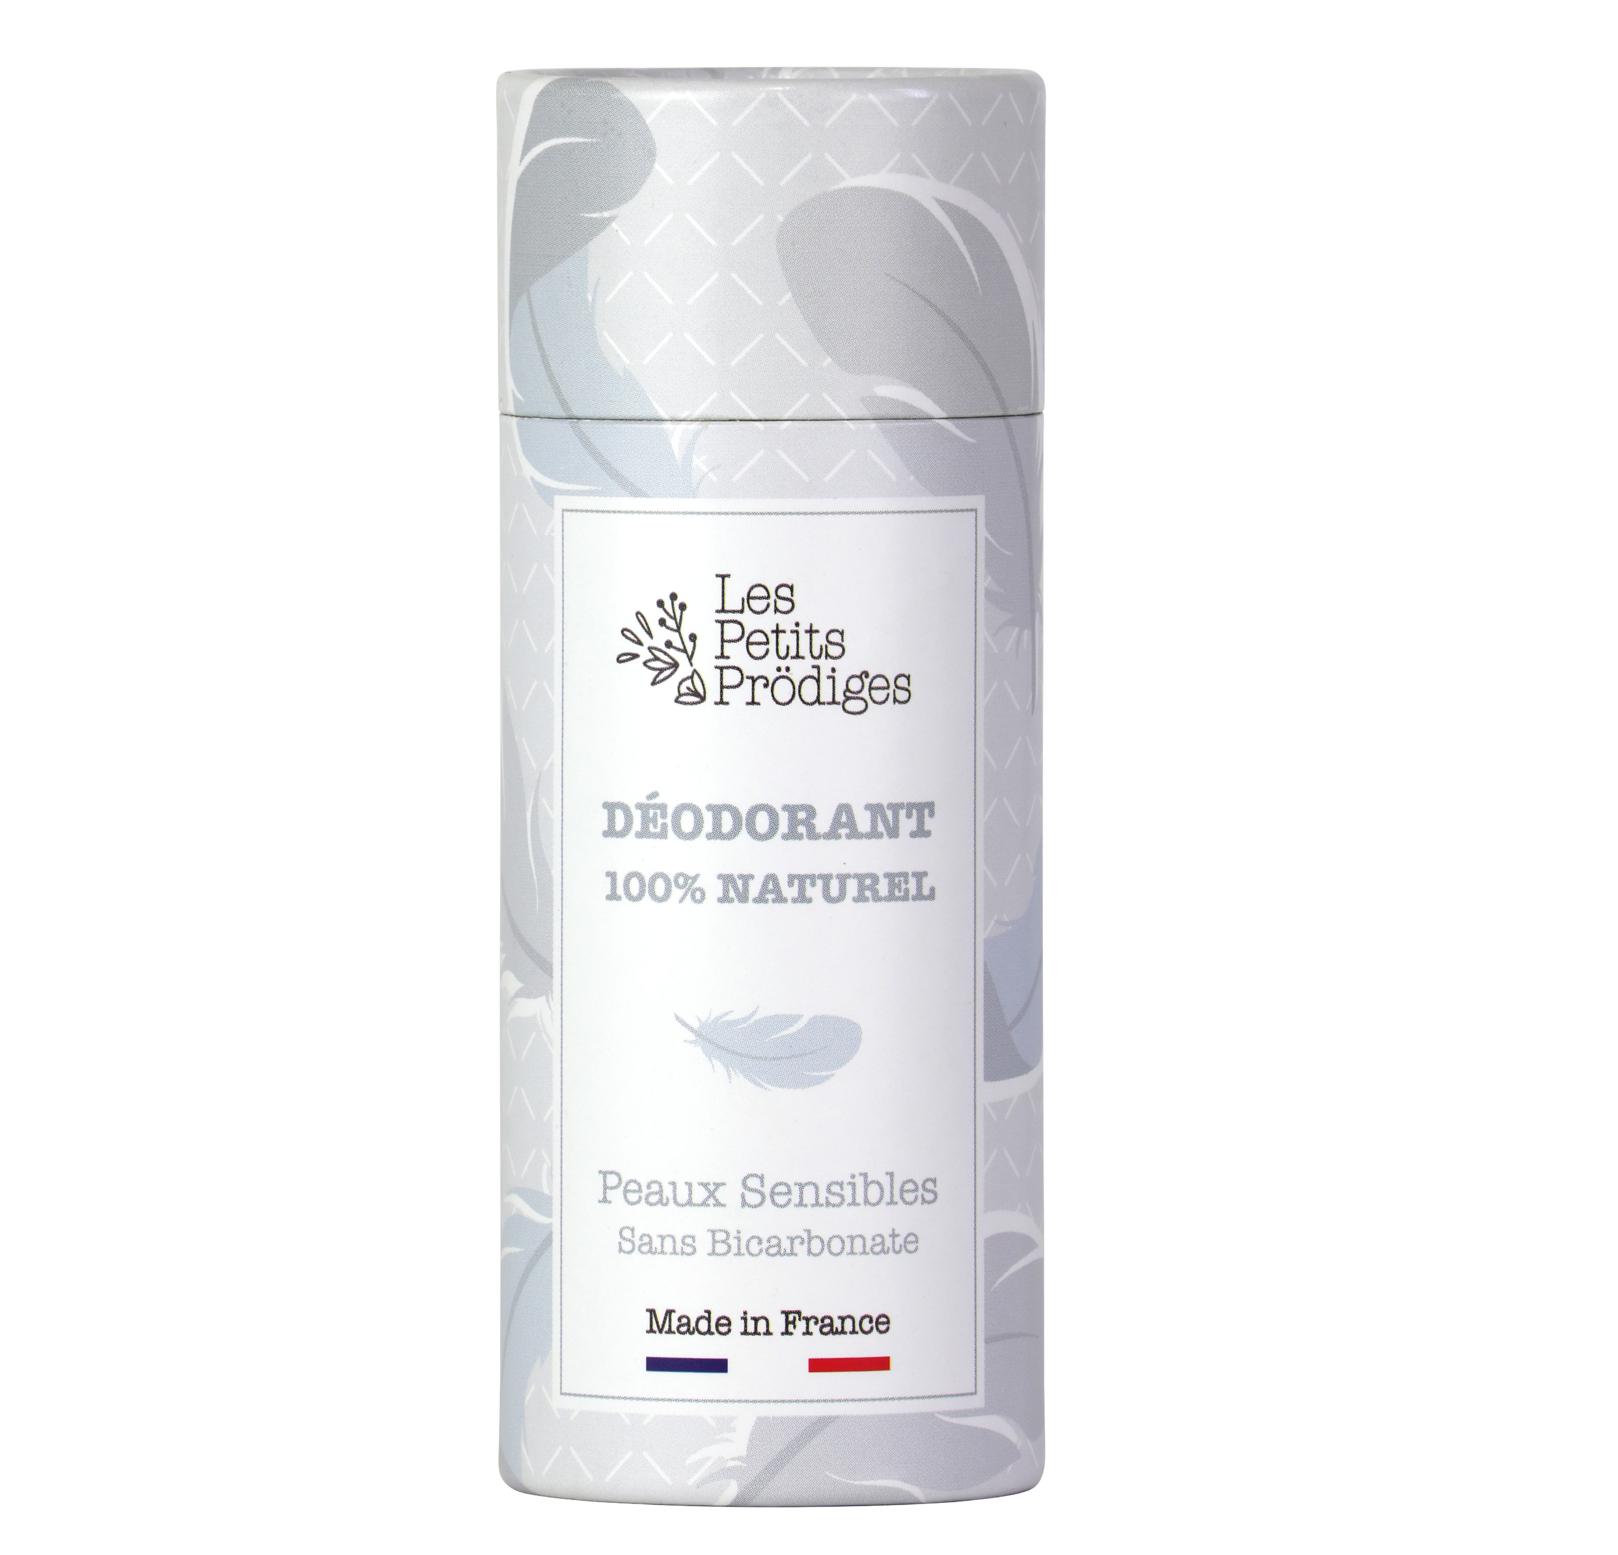 Déodorant Peaux Sensibles Les Petits Prödiges